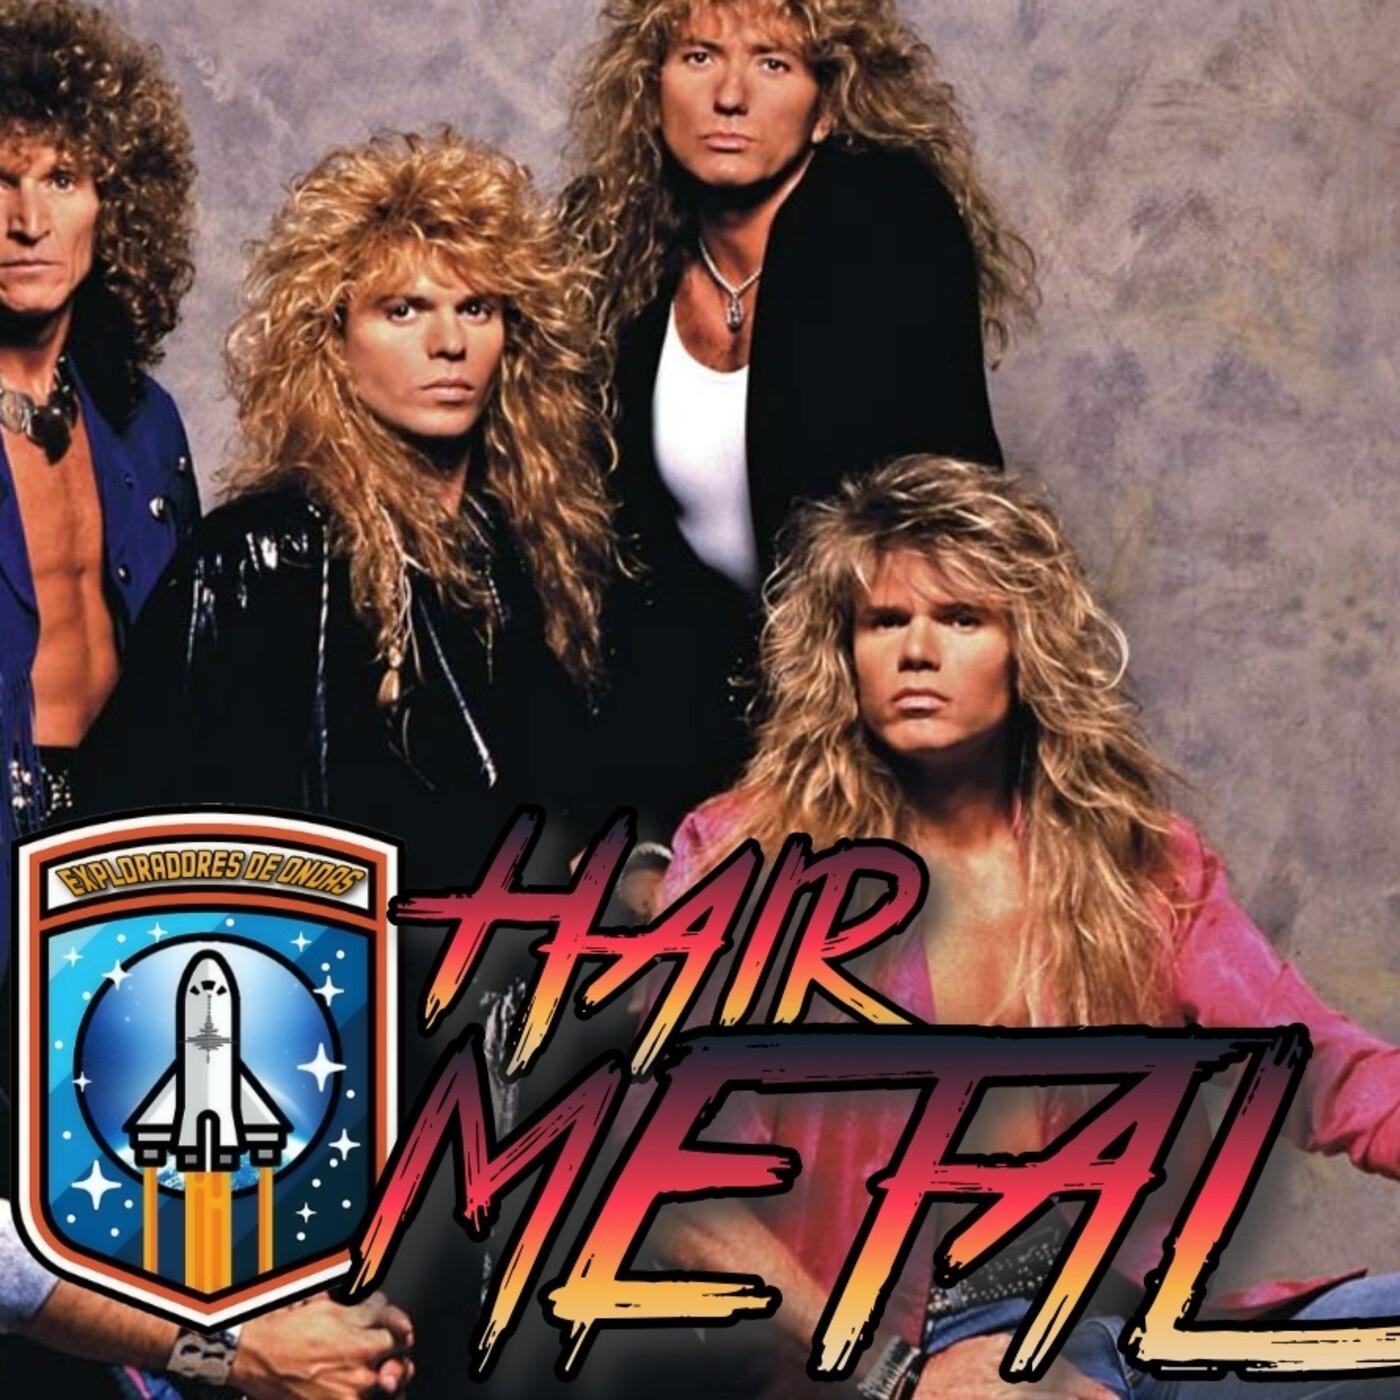 Exploradores de ondas #7 Hair metal